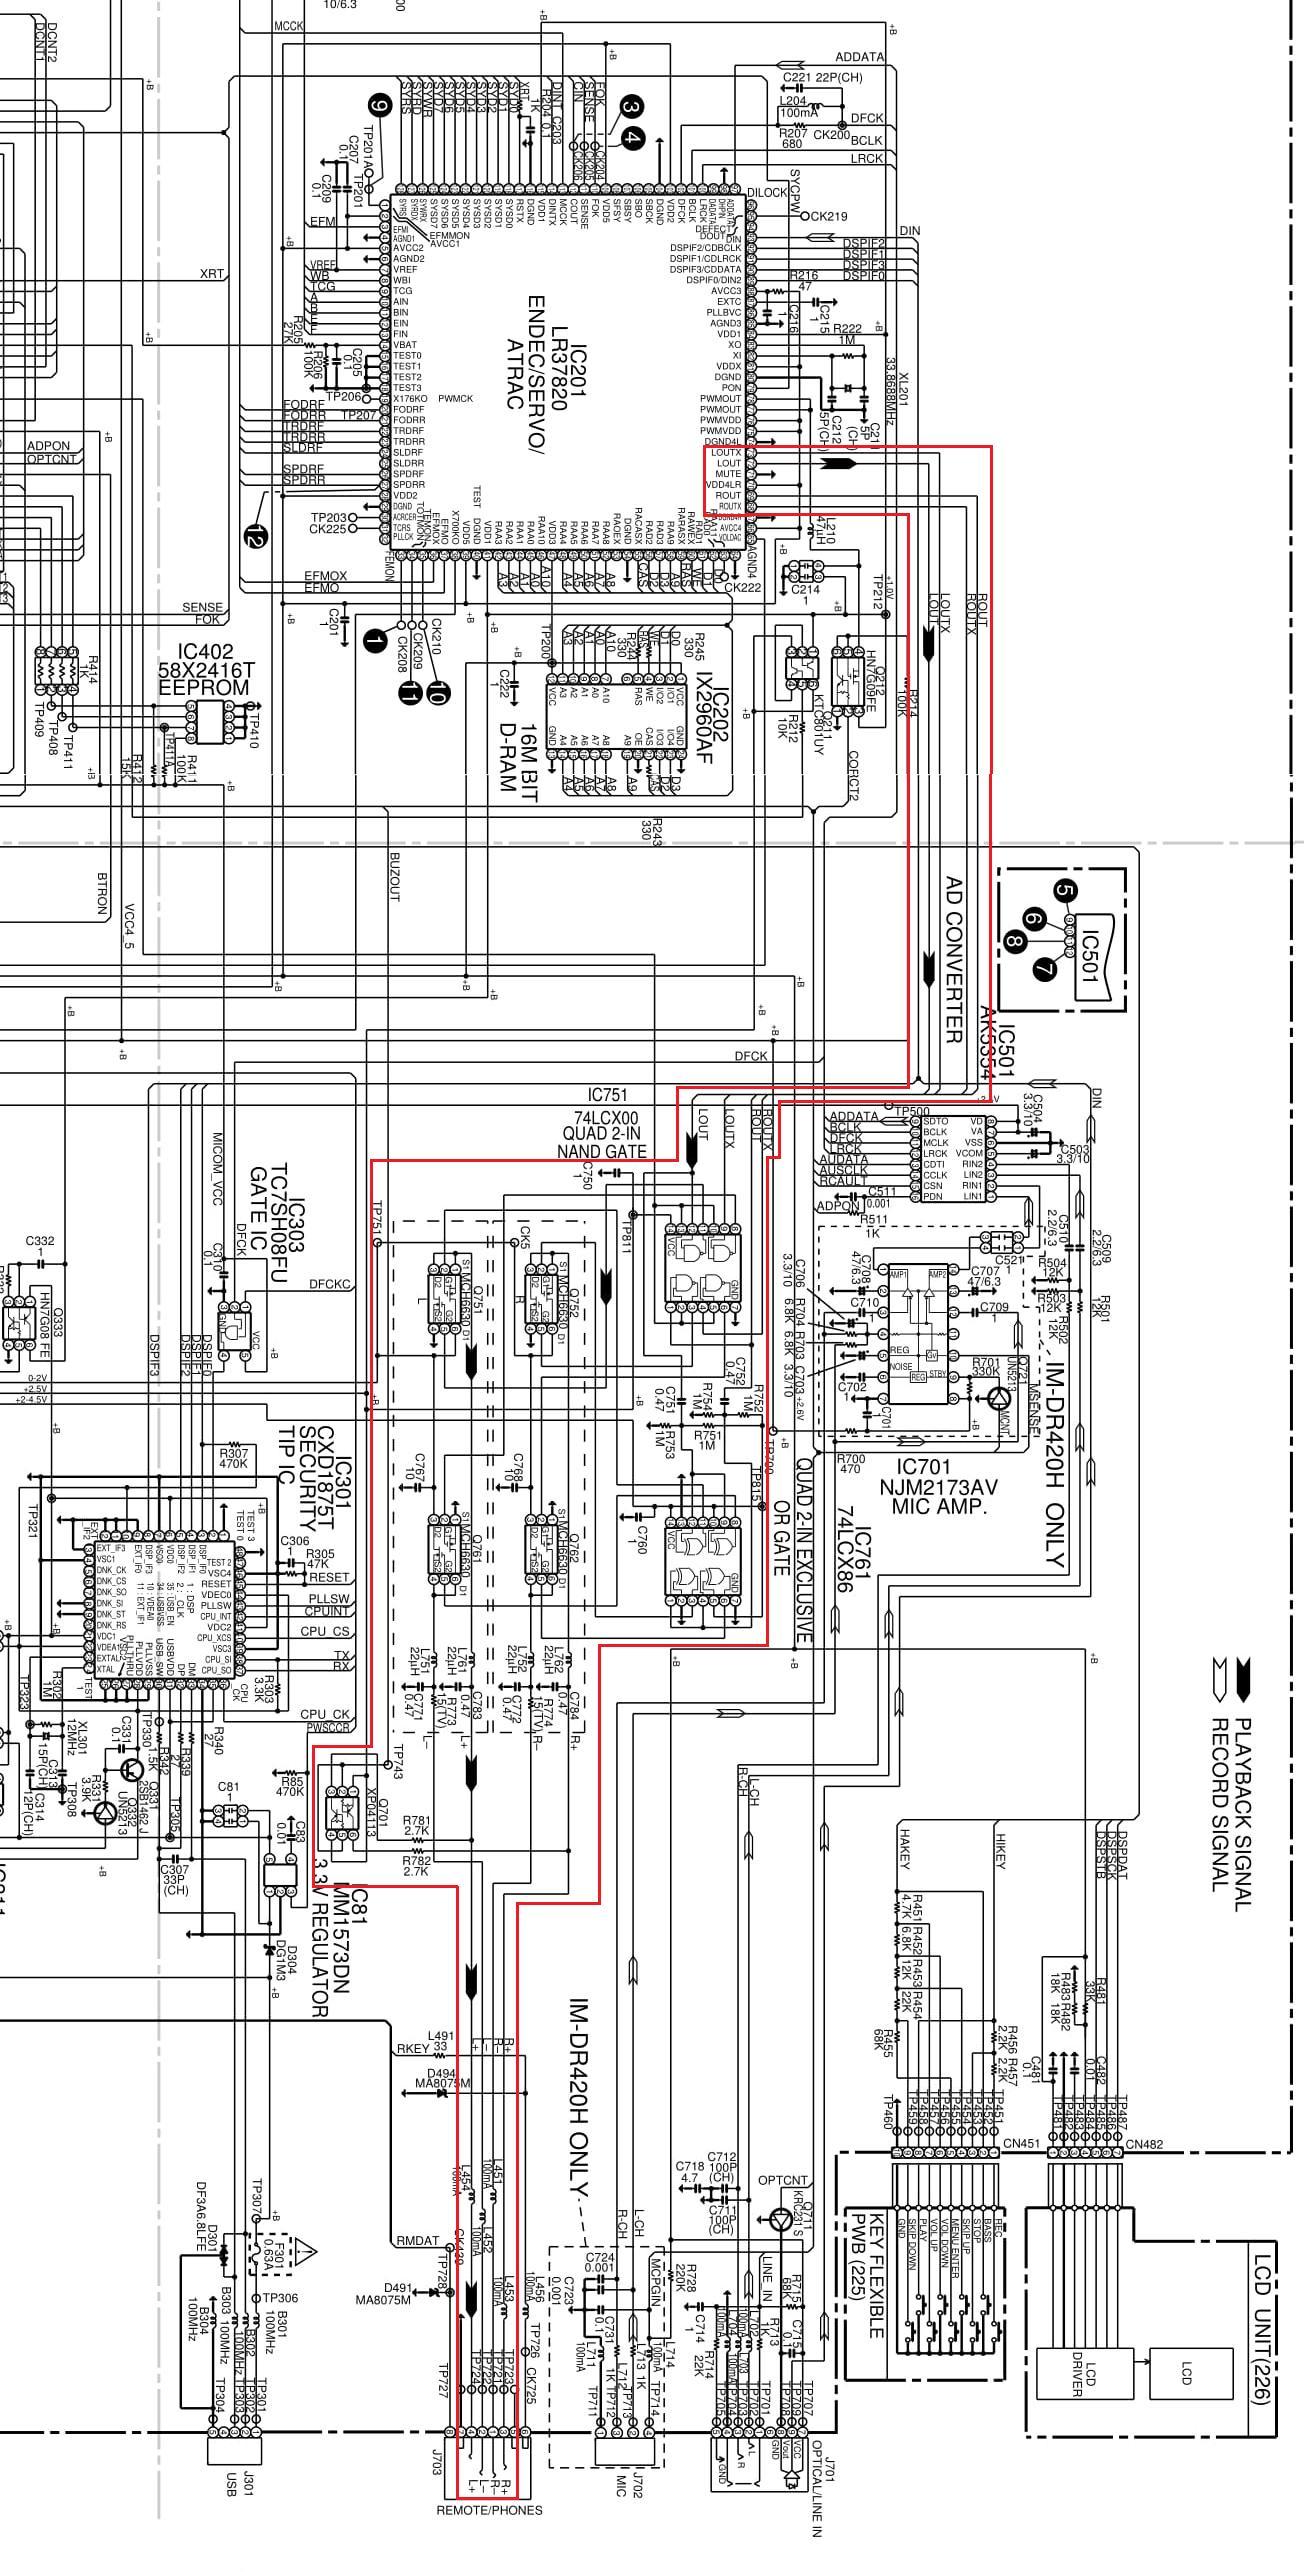 Merge Separate Audio Ground Signals